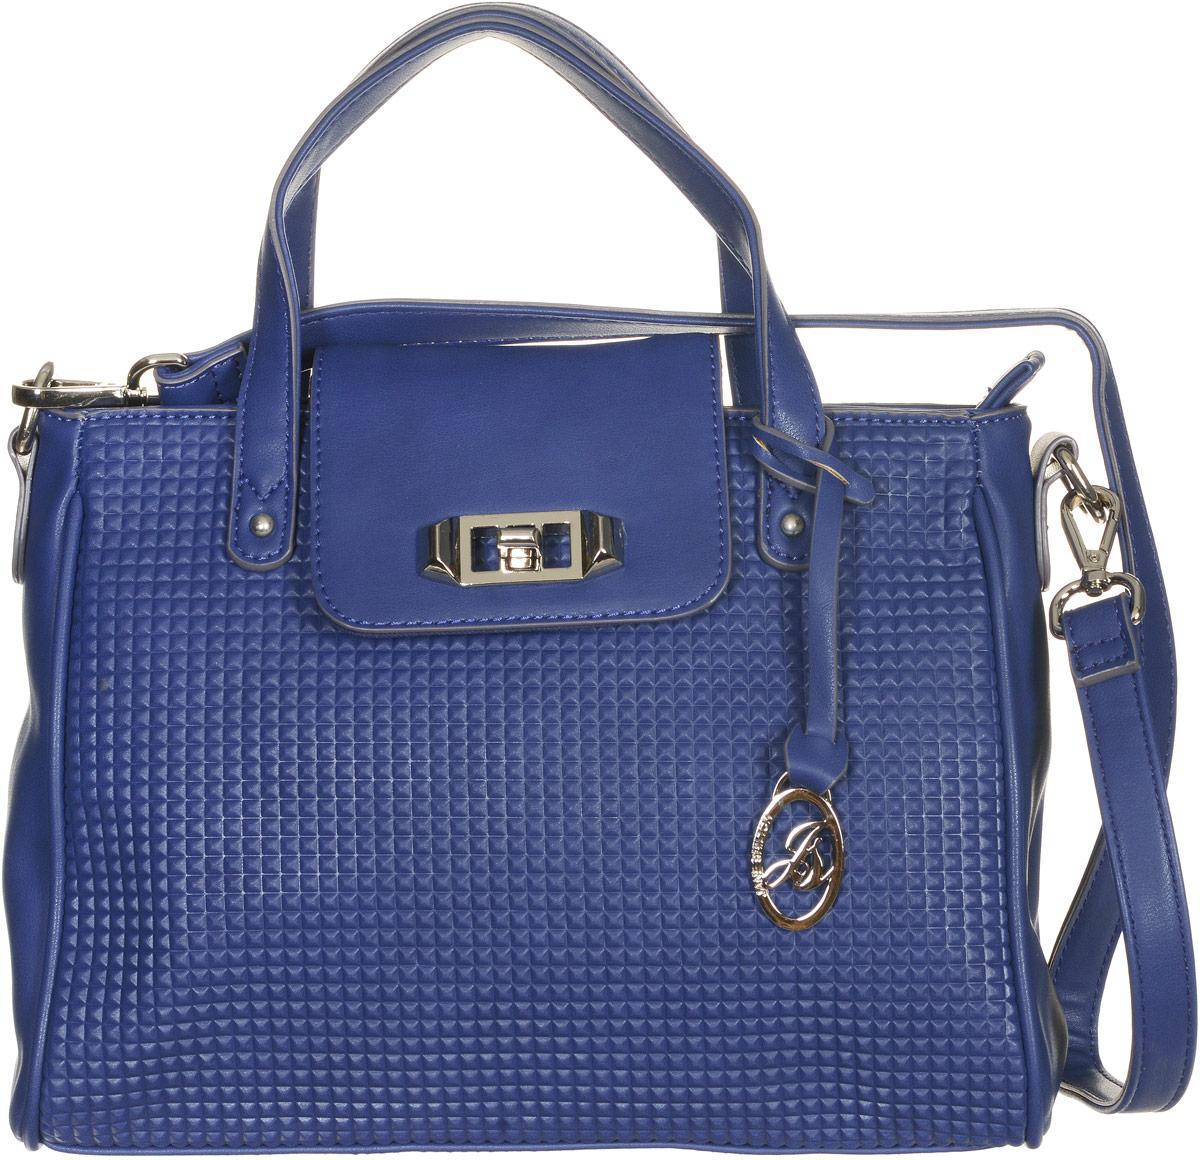 Сумка женская Jane Shilton, цвет: синий. 213610931-1Стильная сумка Jane Shilton не оставит вас равнодушной благодаря своему дизайну и практичности. Она изготовлена из качественной искусственной кожи и оформлена декоративным тиснением. На тыльной стороне расположен удобный вшитый карман на молнии. Сумка оснащена удобной ручкой, которая оформлена металлической фирменной подвеской. Также сумка дополнена съемным плечевым ремнем, который фиксируется с помощью замков-карабинов. Изделие закрывается клапаном на замок-вертушку. Внутри расположено главное отделение на молнии, которое содержит один открытый накладной карман для телефона и один вшитый карман на молнии для мелочей. Такая модная и практичная сумка завершит ваш образ и станет незаменимым аксессуаром в вашем гардеробе.